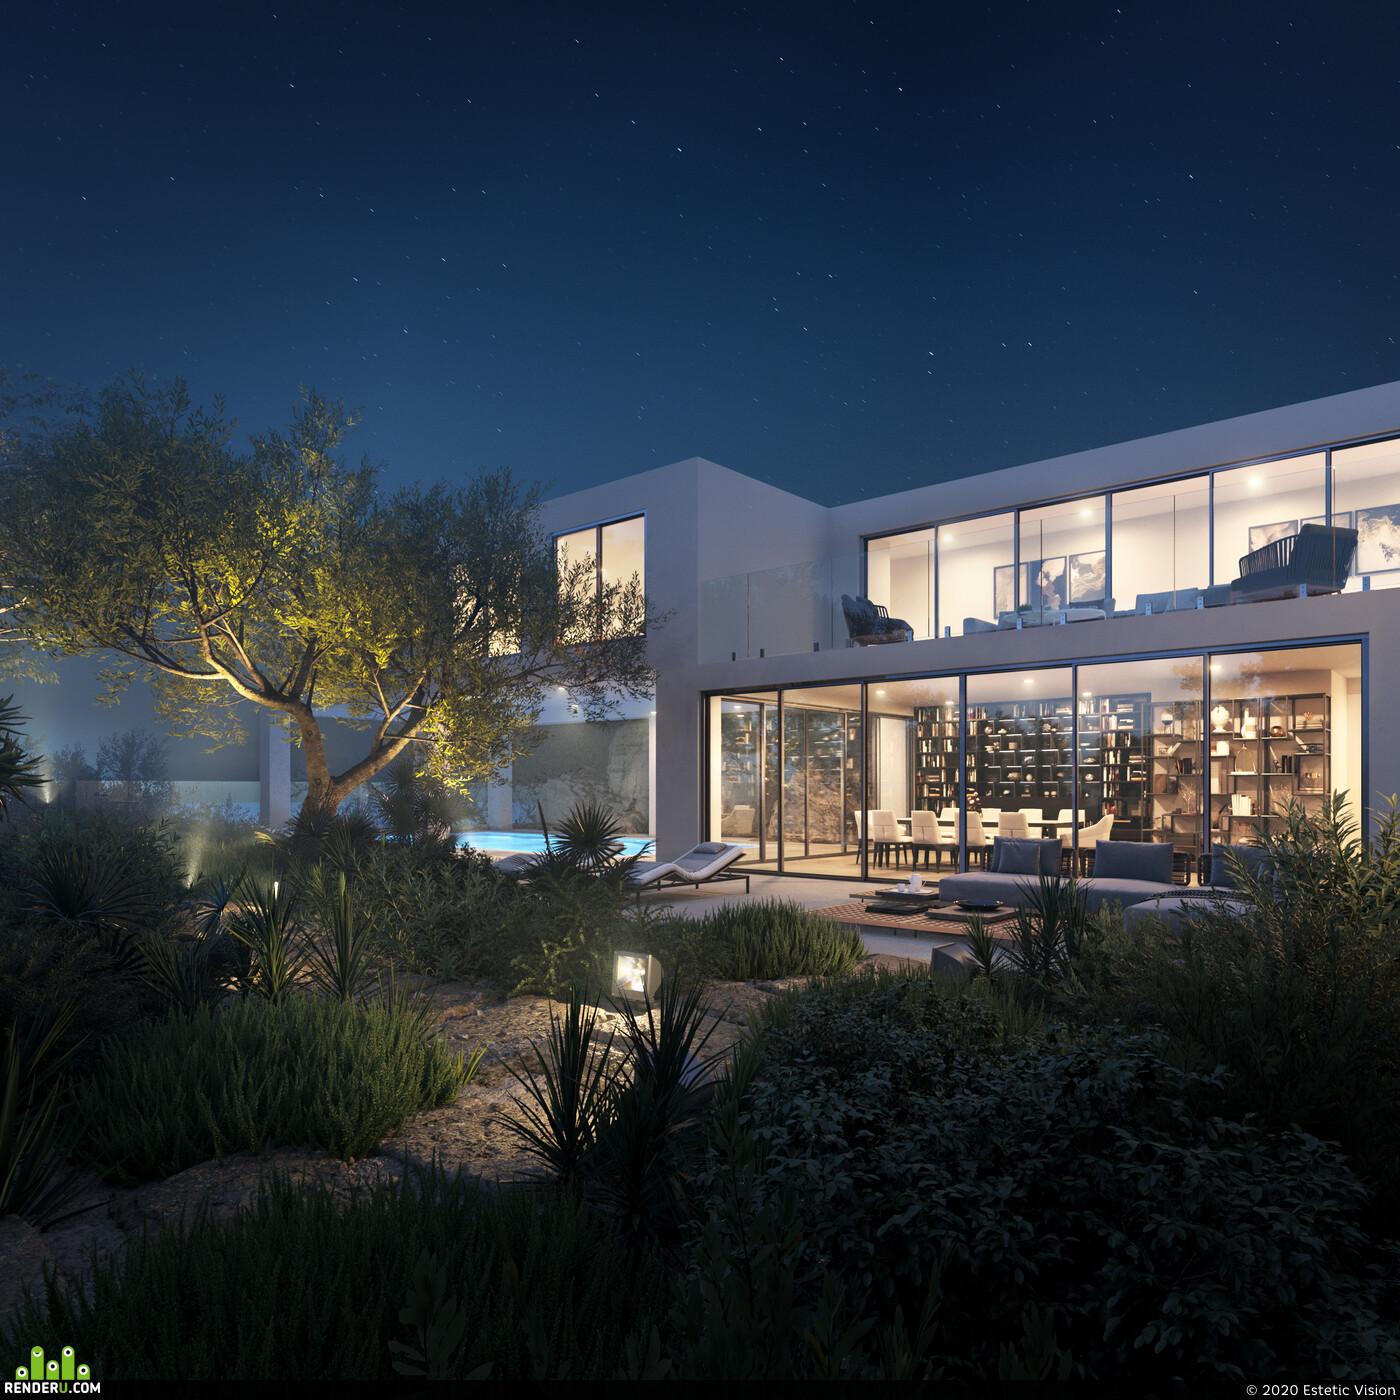 архитектурная визуализация, 3д архитектура, архитектура, 3D архитектура, архивиз, испания, дом на холме